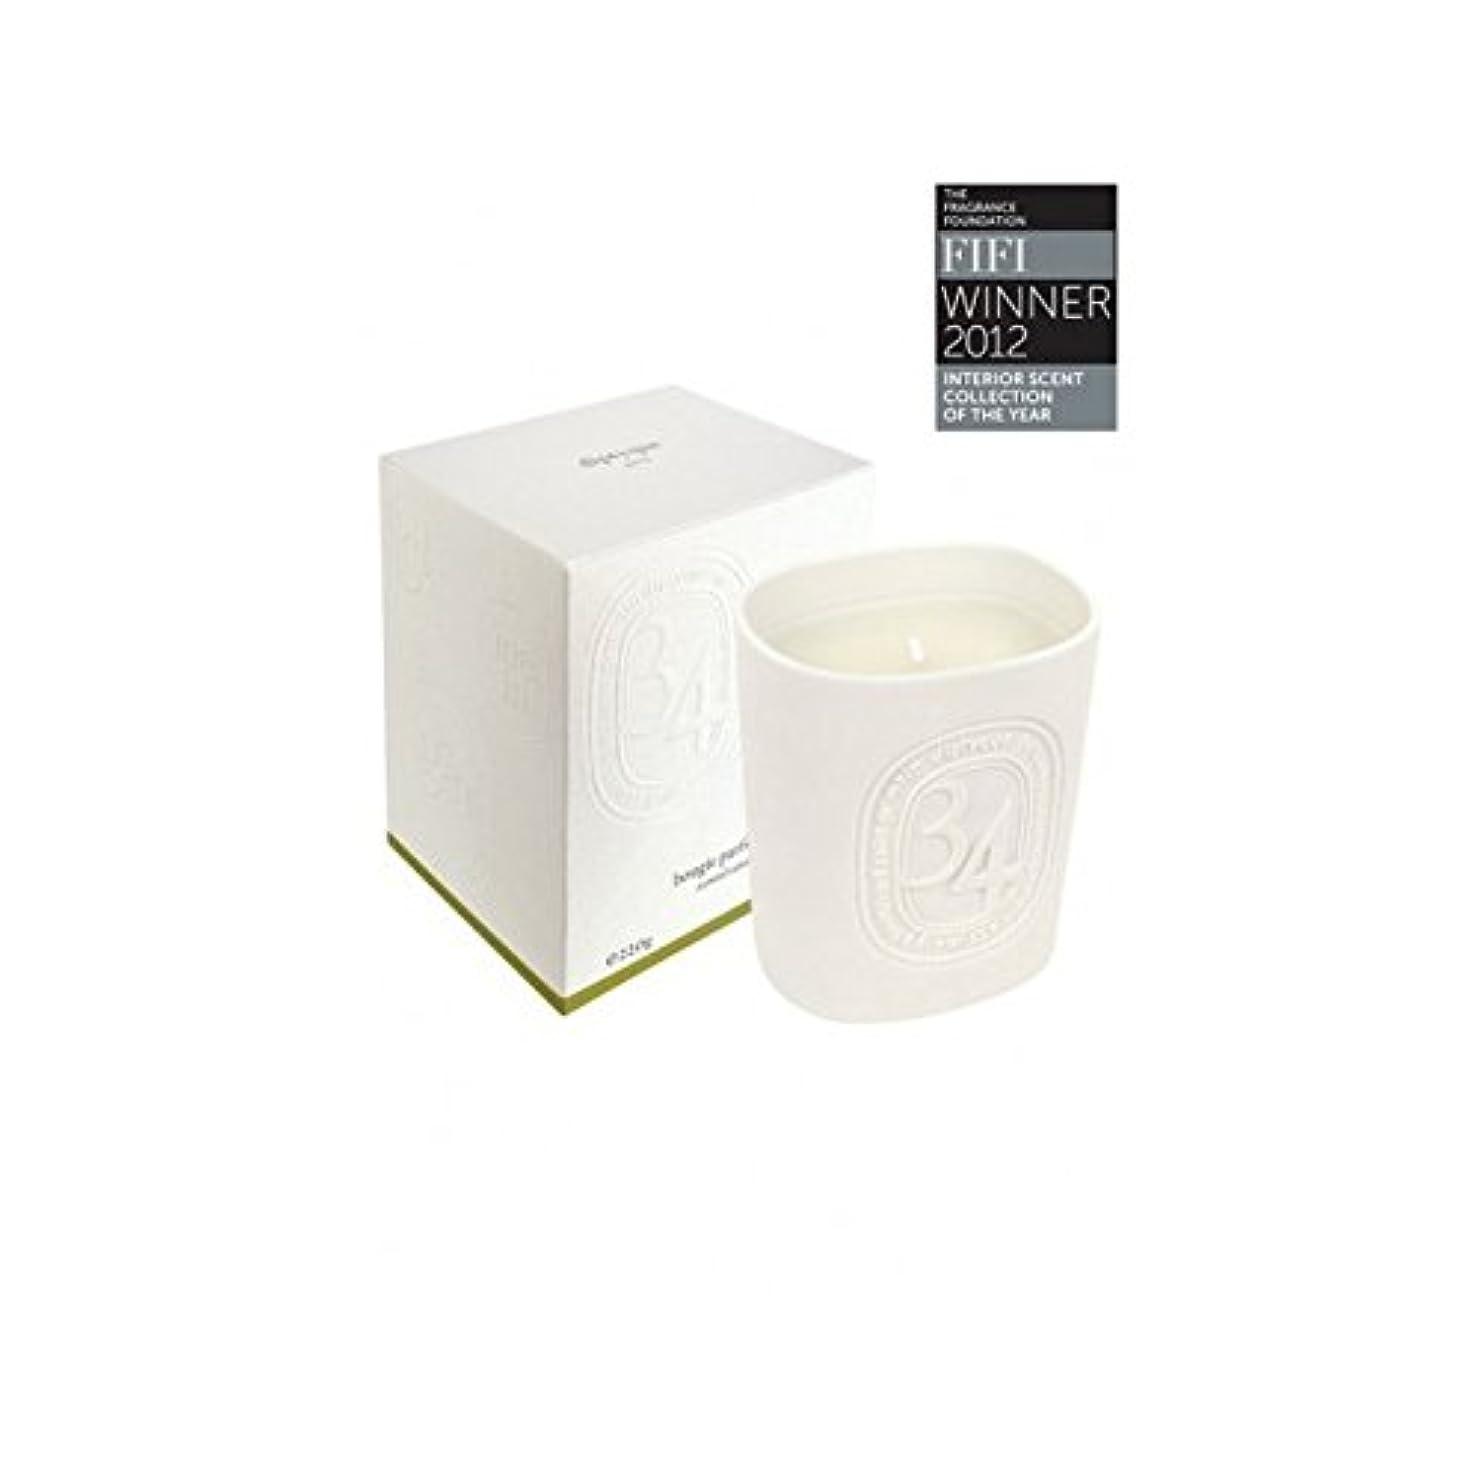 病な非公式二度Diptyque Collection 34 Boulevard Saint Germain Candle 220g (Pack of 2) - Diptyqueコレクション34大通りサンジェルマンキャンドル220グラム...